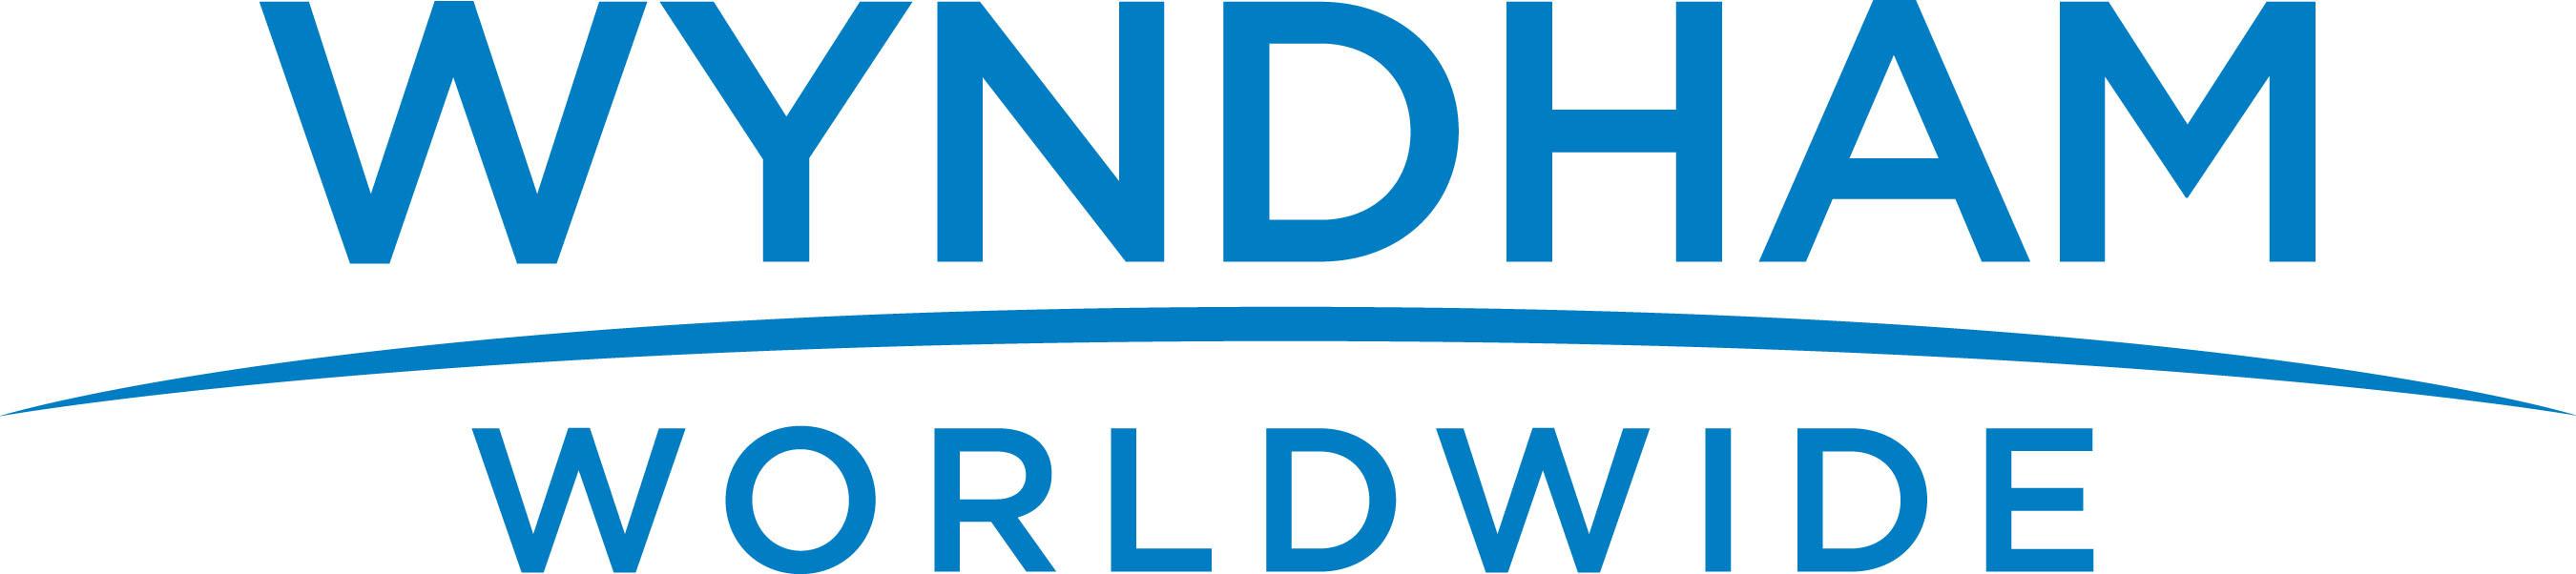 WW logo (PRNewsFoto/Wyndham Worldwide)